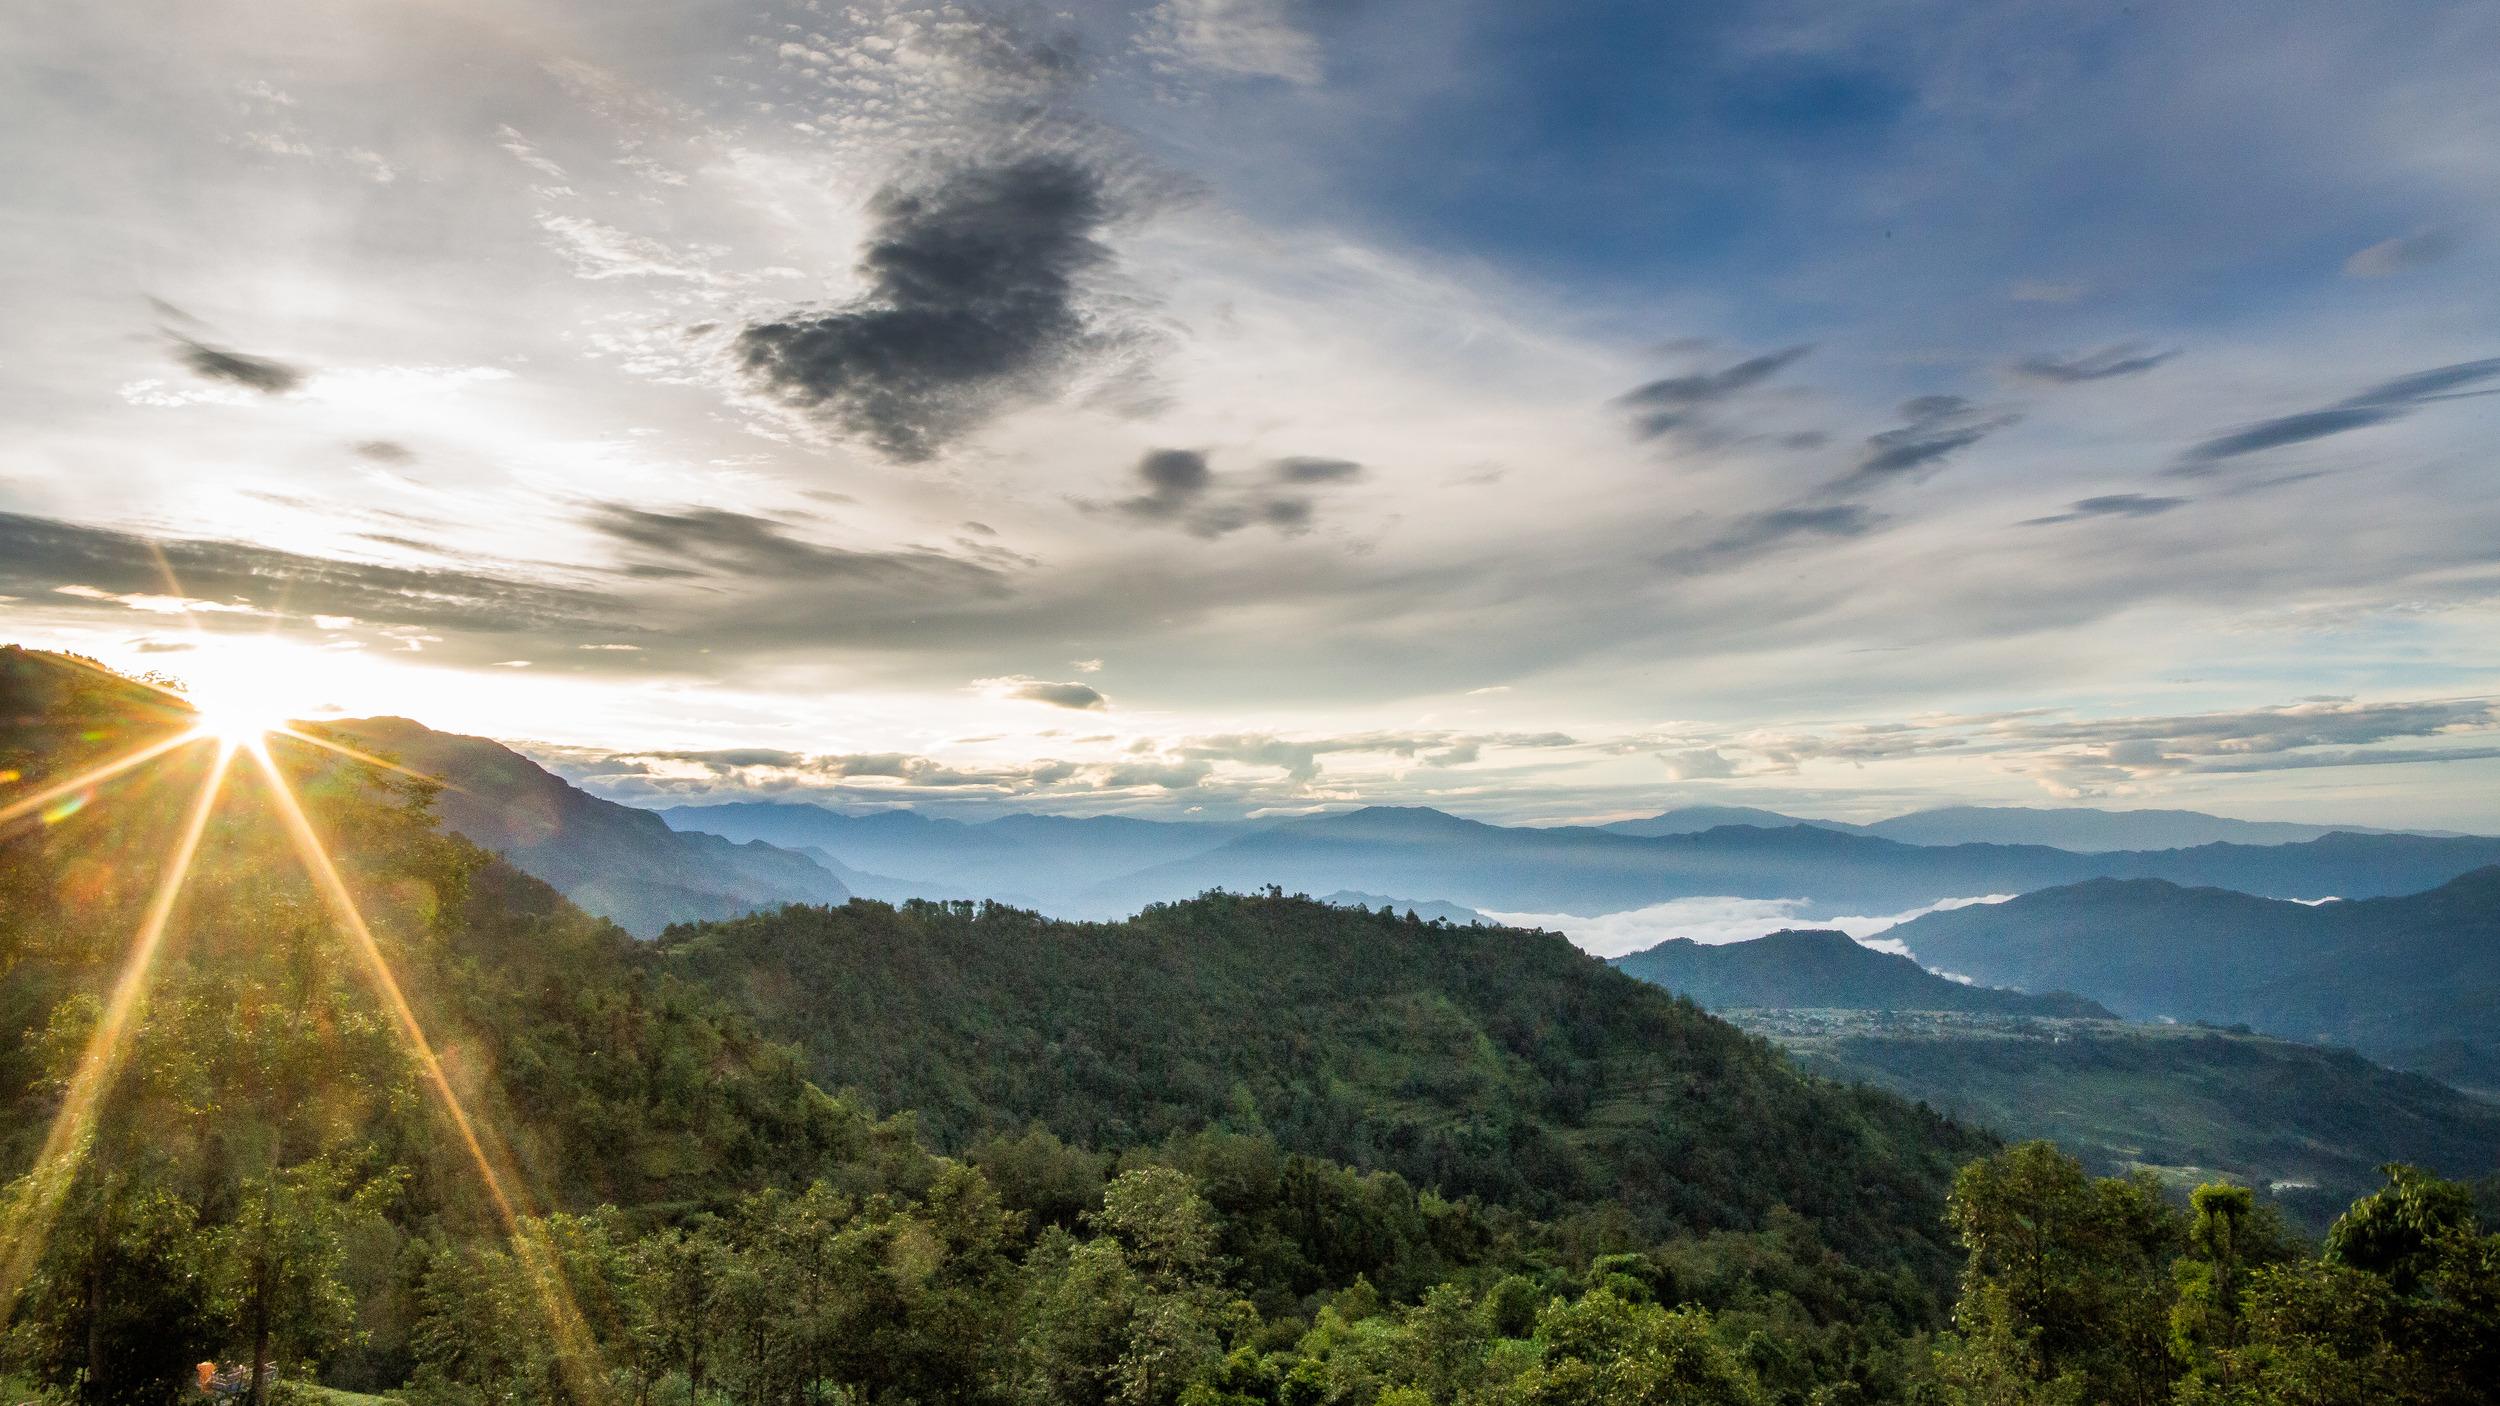 De ochtenden zijn prachtig. Het Nepalese middel gebergte biedt een prachtig decor van vergezichten.